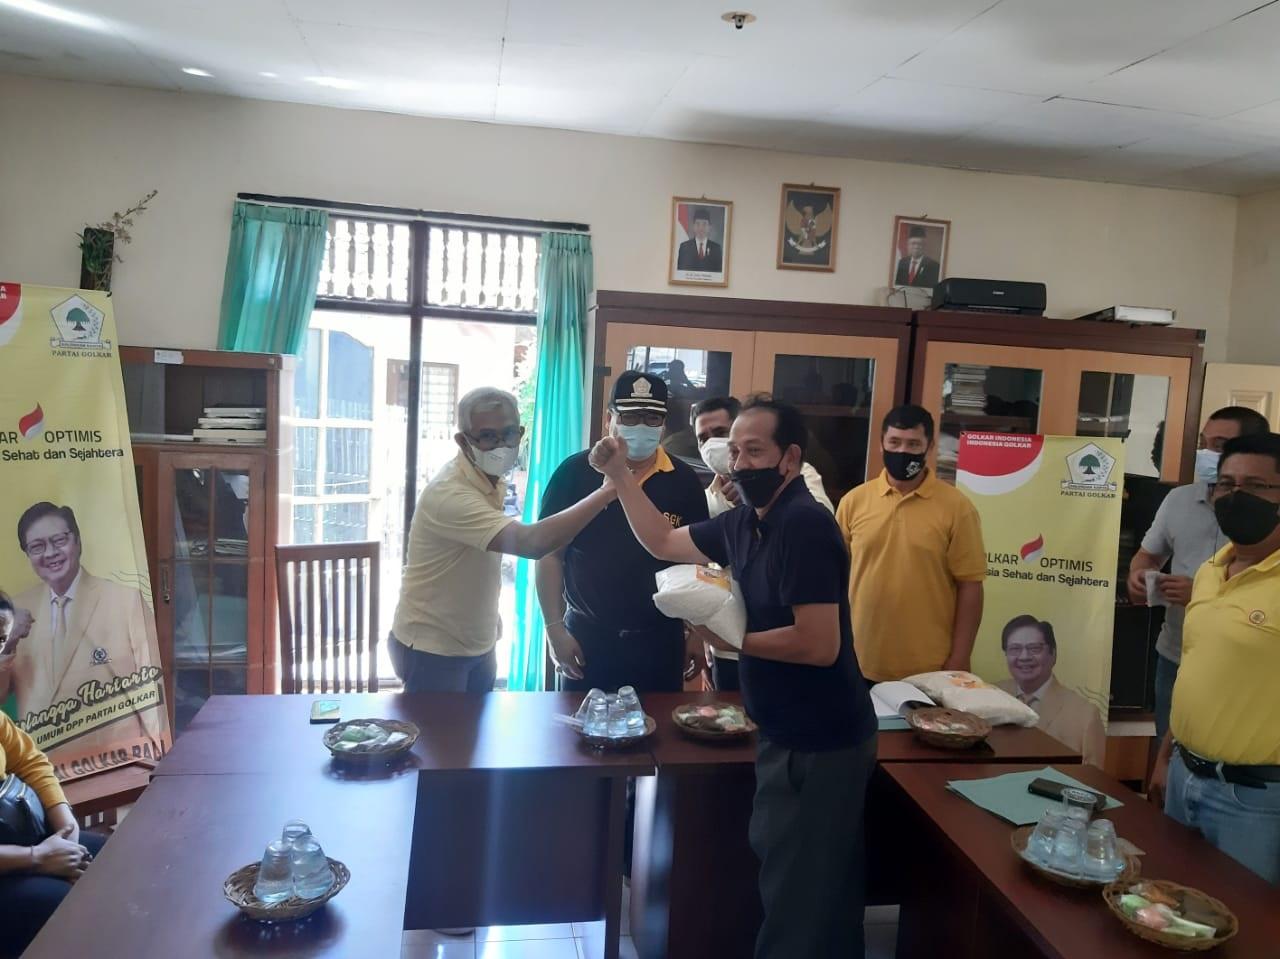 SUGAWA Korry didampingi IGK Kresna Budi, Minggu (25/4/2021) menyerahkan bantuan sembako untuk warga Kelurahan Kampung Anyar dan Kaliuntu, Singaraja yang menjadi korban bencana banjir beberapa waktu lalu. Foto: ist